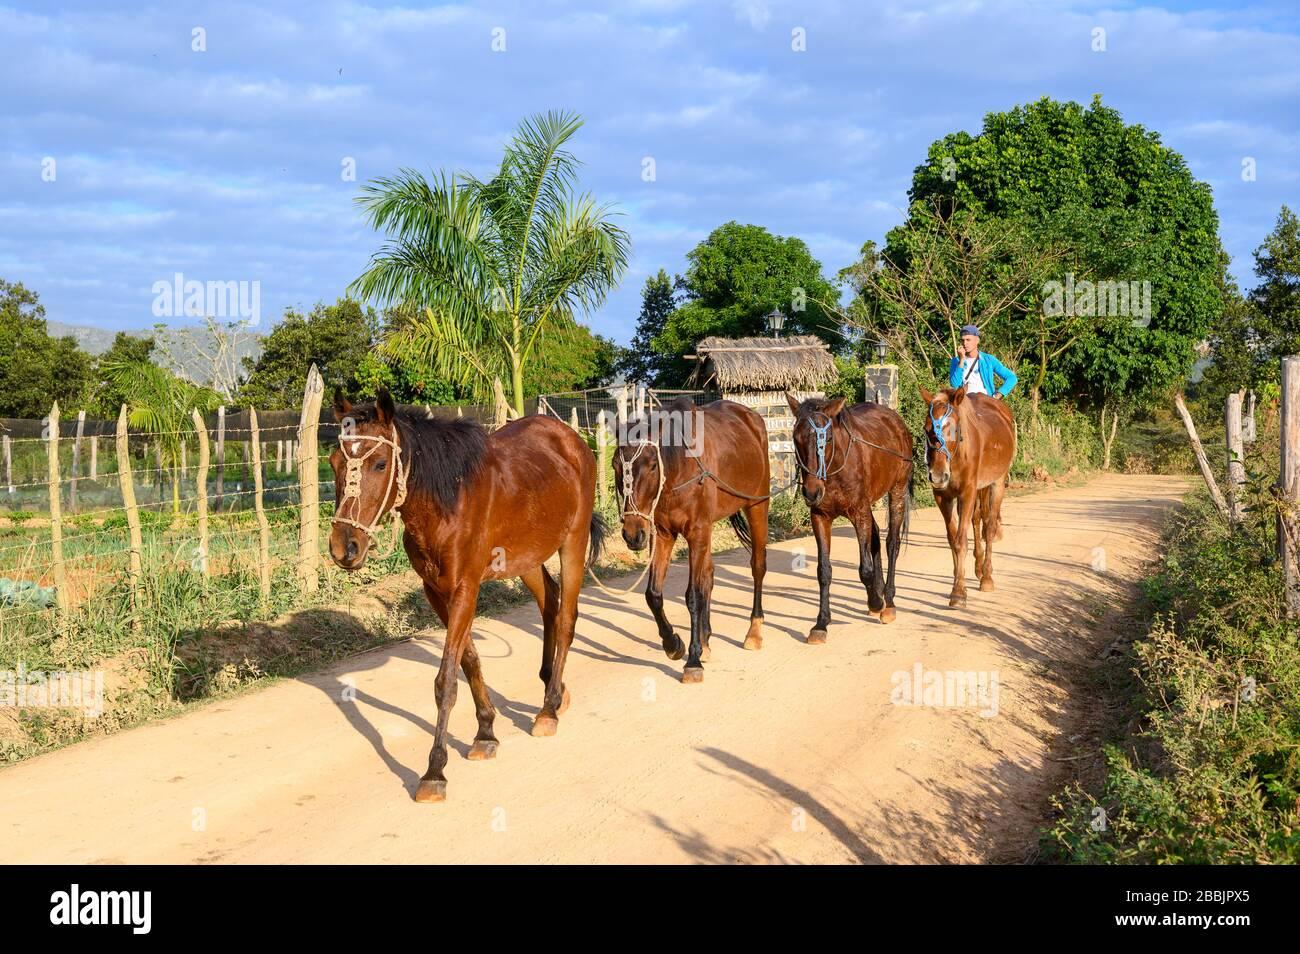 Hombre a caballo con cuerda de caballos, y campo de tabaco para cigarros, Vinales, Provincia Pinar del Río, Cuba Foto de stock